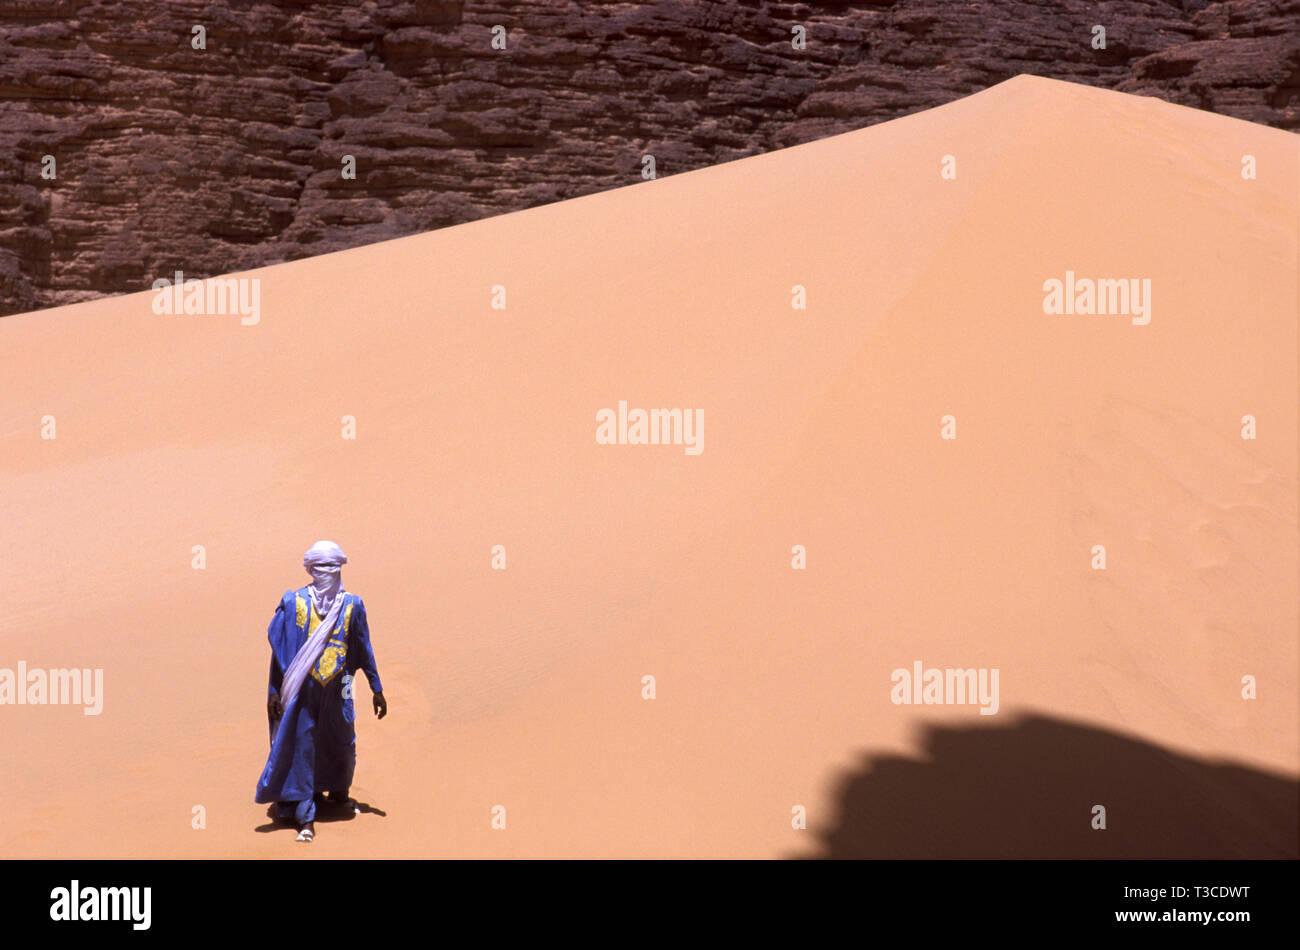 Hombre Tuareg en un traje tradicional caminando sobre una duna, Argelia Imagen De Stock